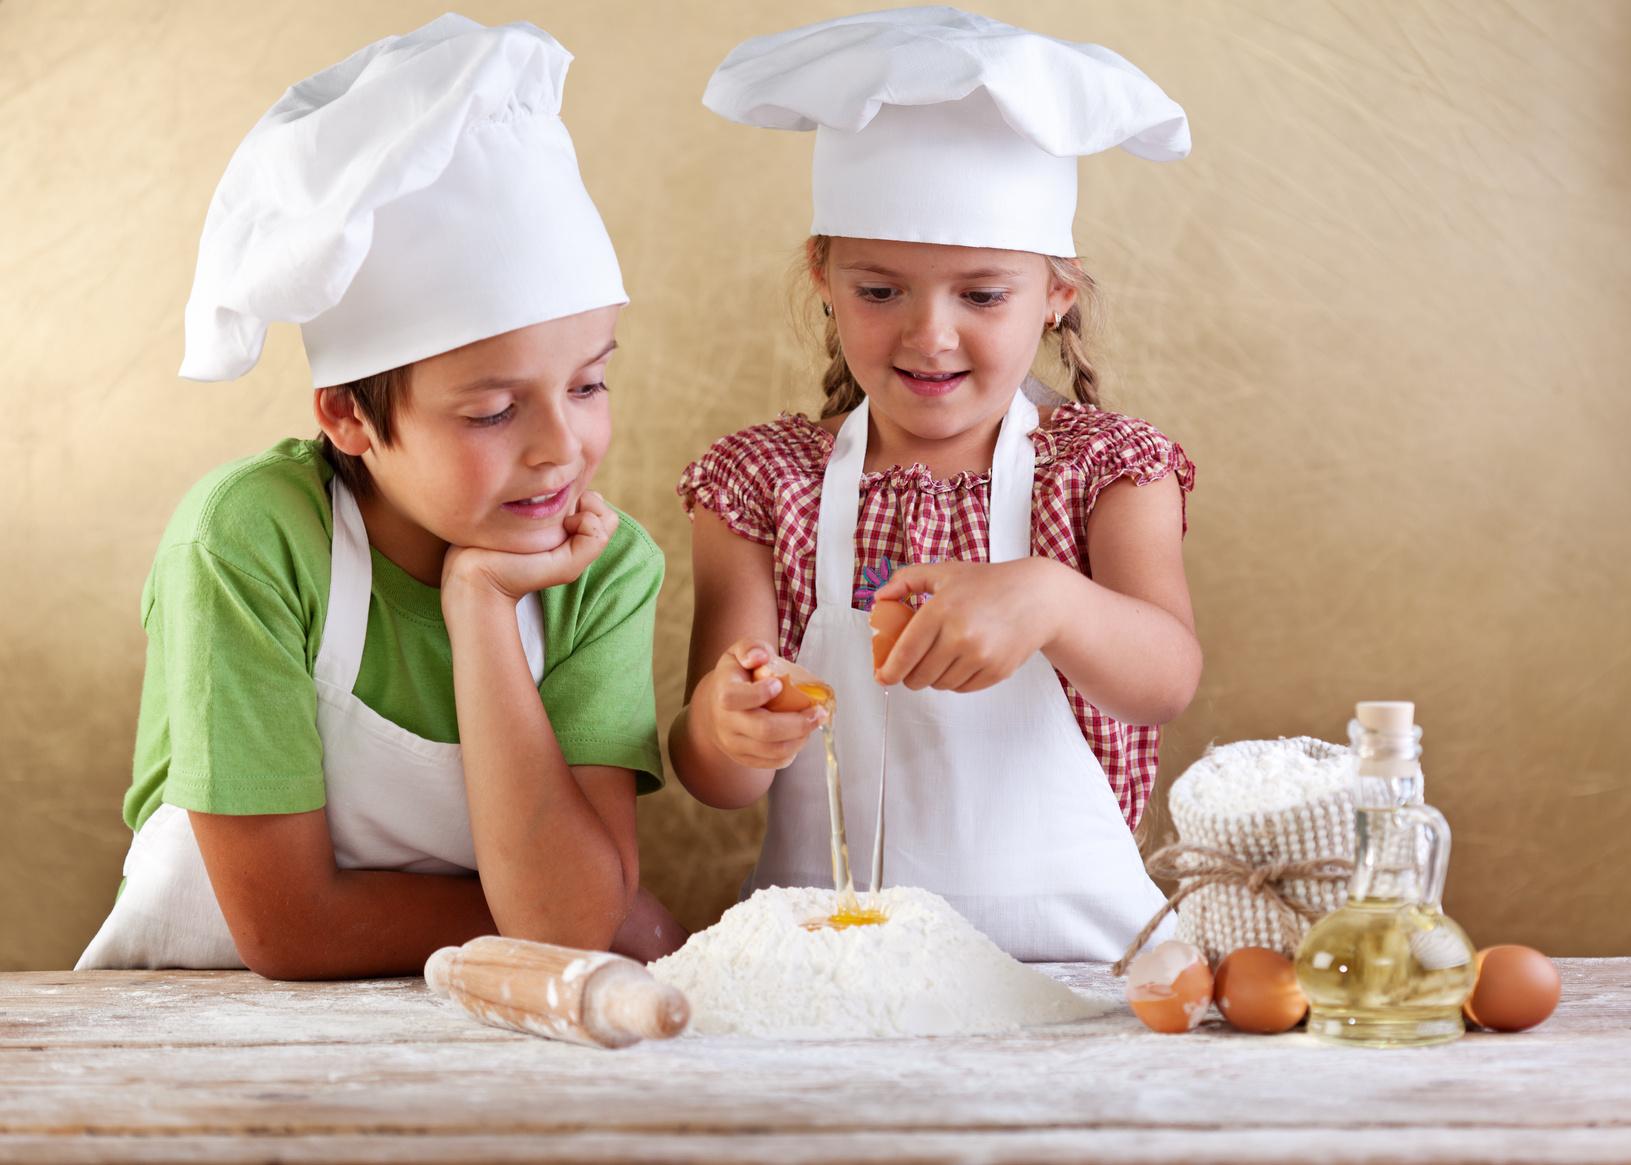 cours de cuisine ou anniversaire enfant cliquez ici